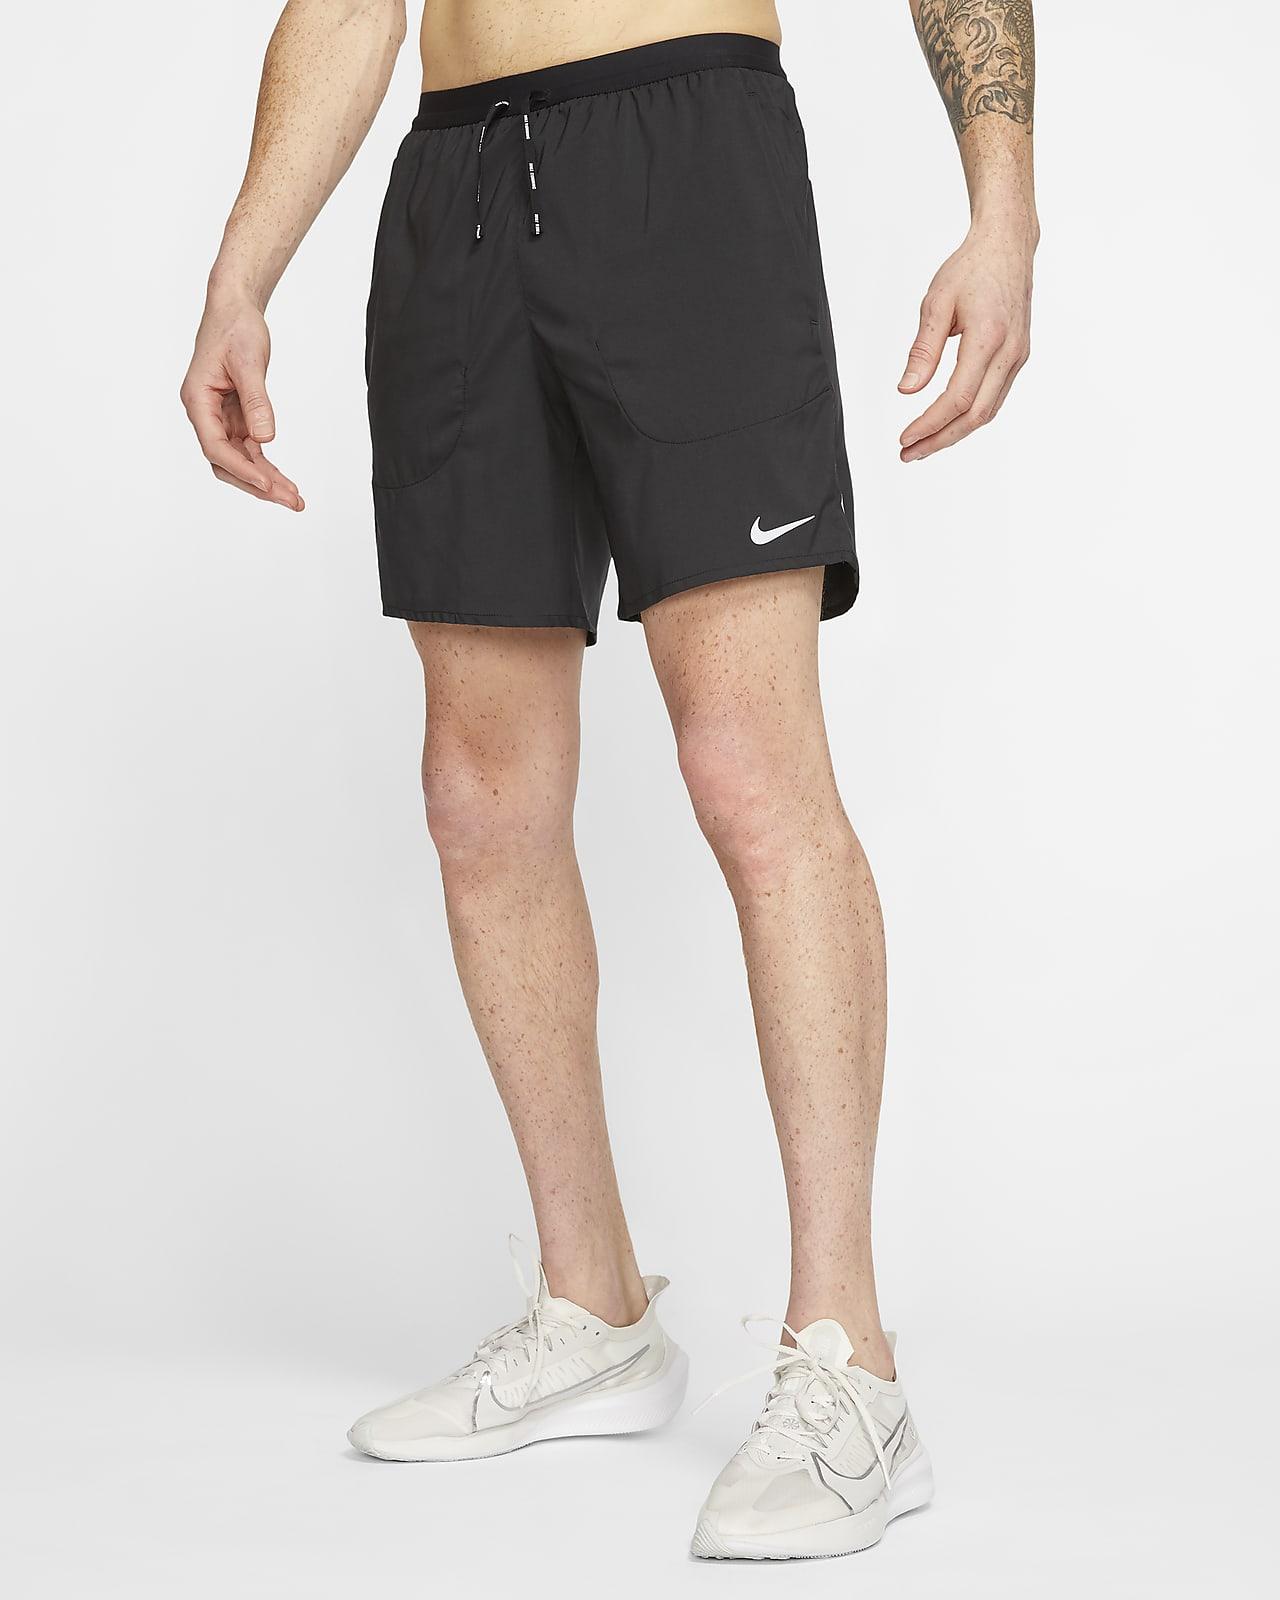 Short de running avec sous-short intégré Nike Flex Stride pour Homme